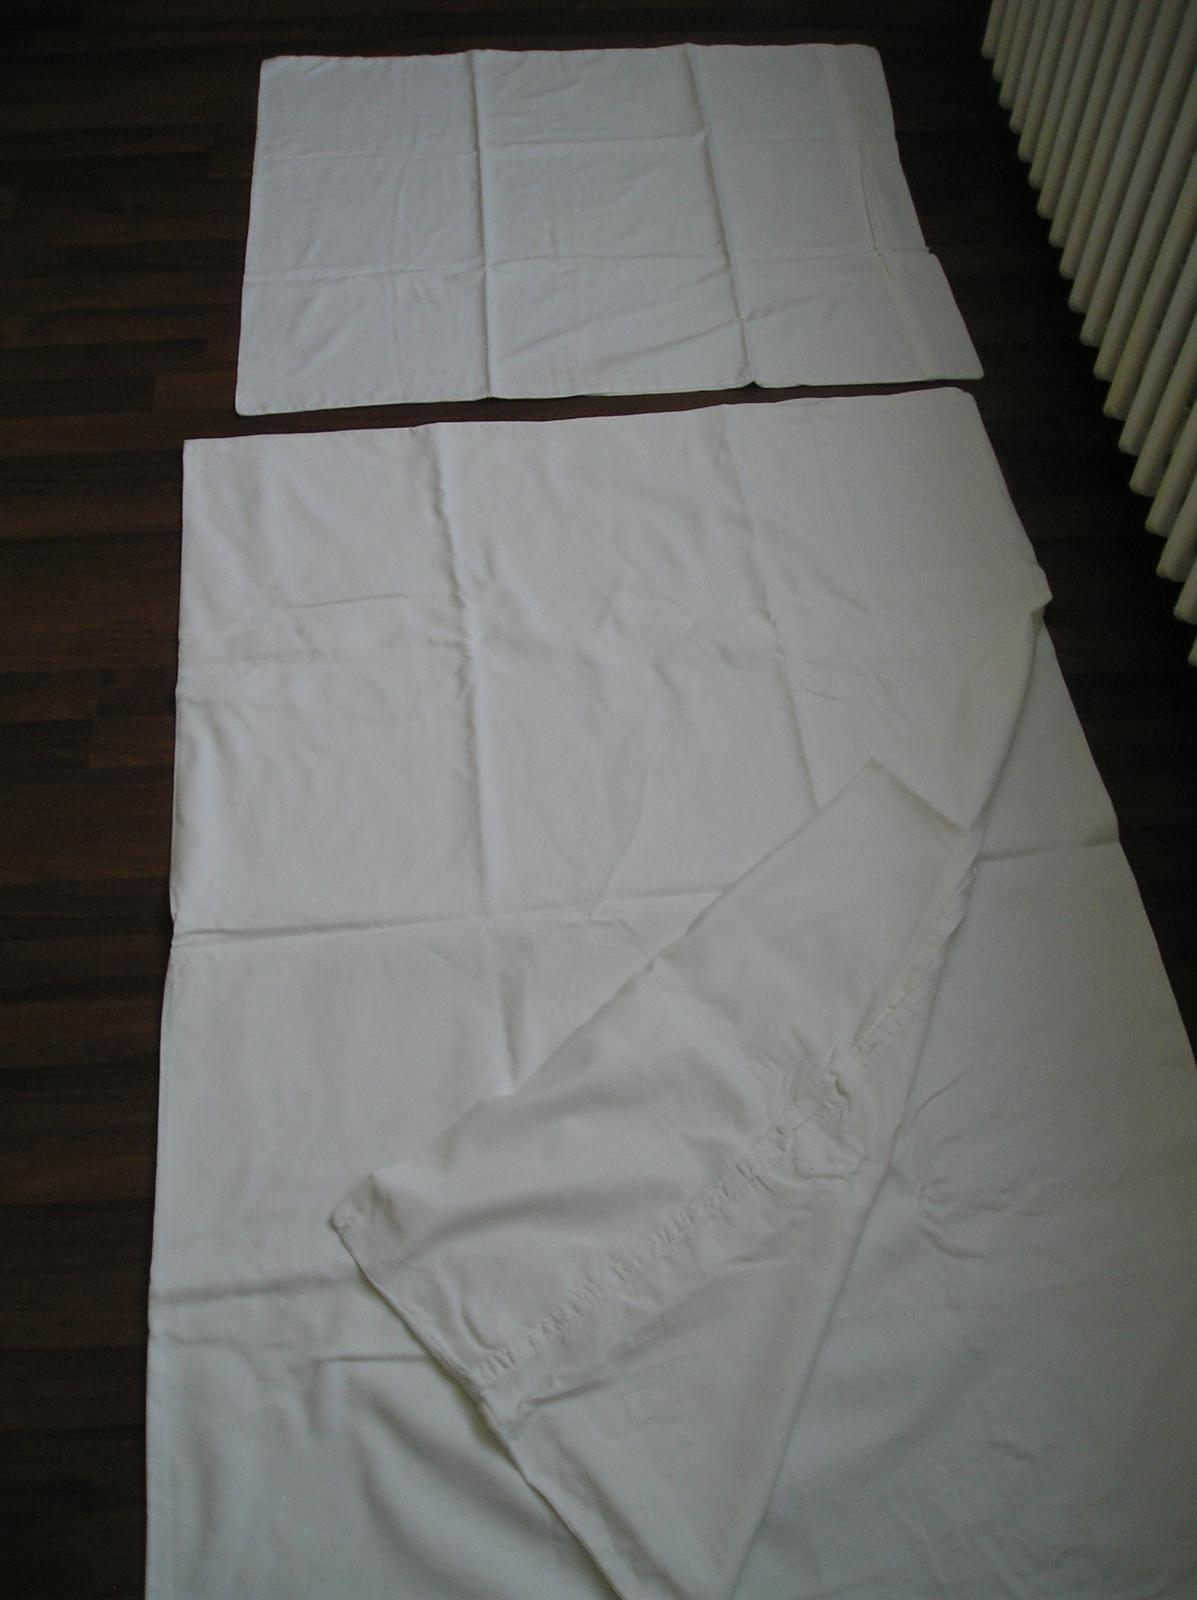 obliečky biele - Obrázok č. 1